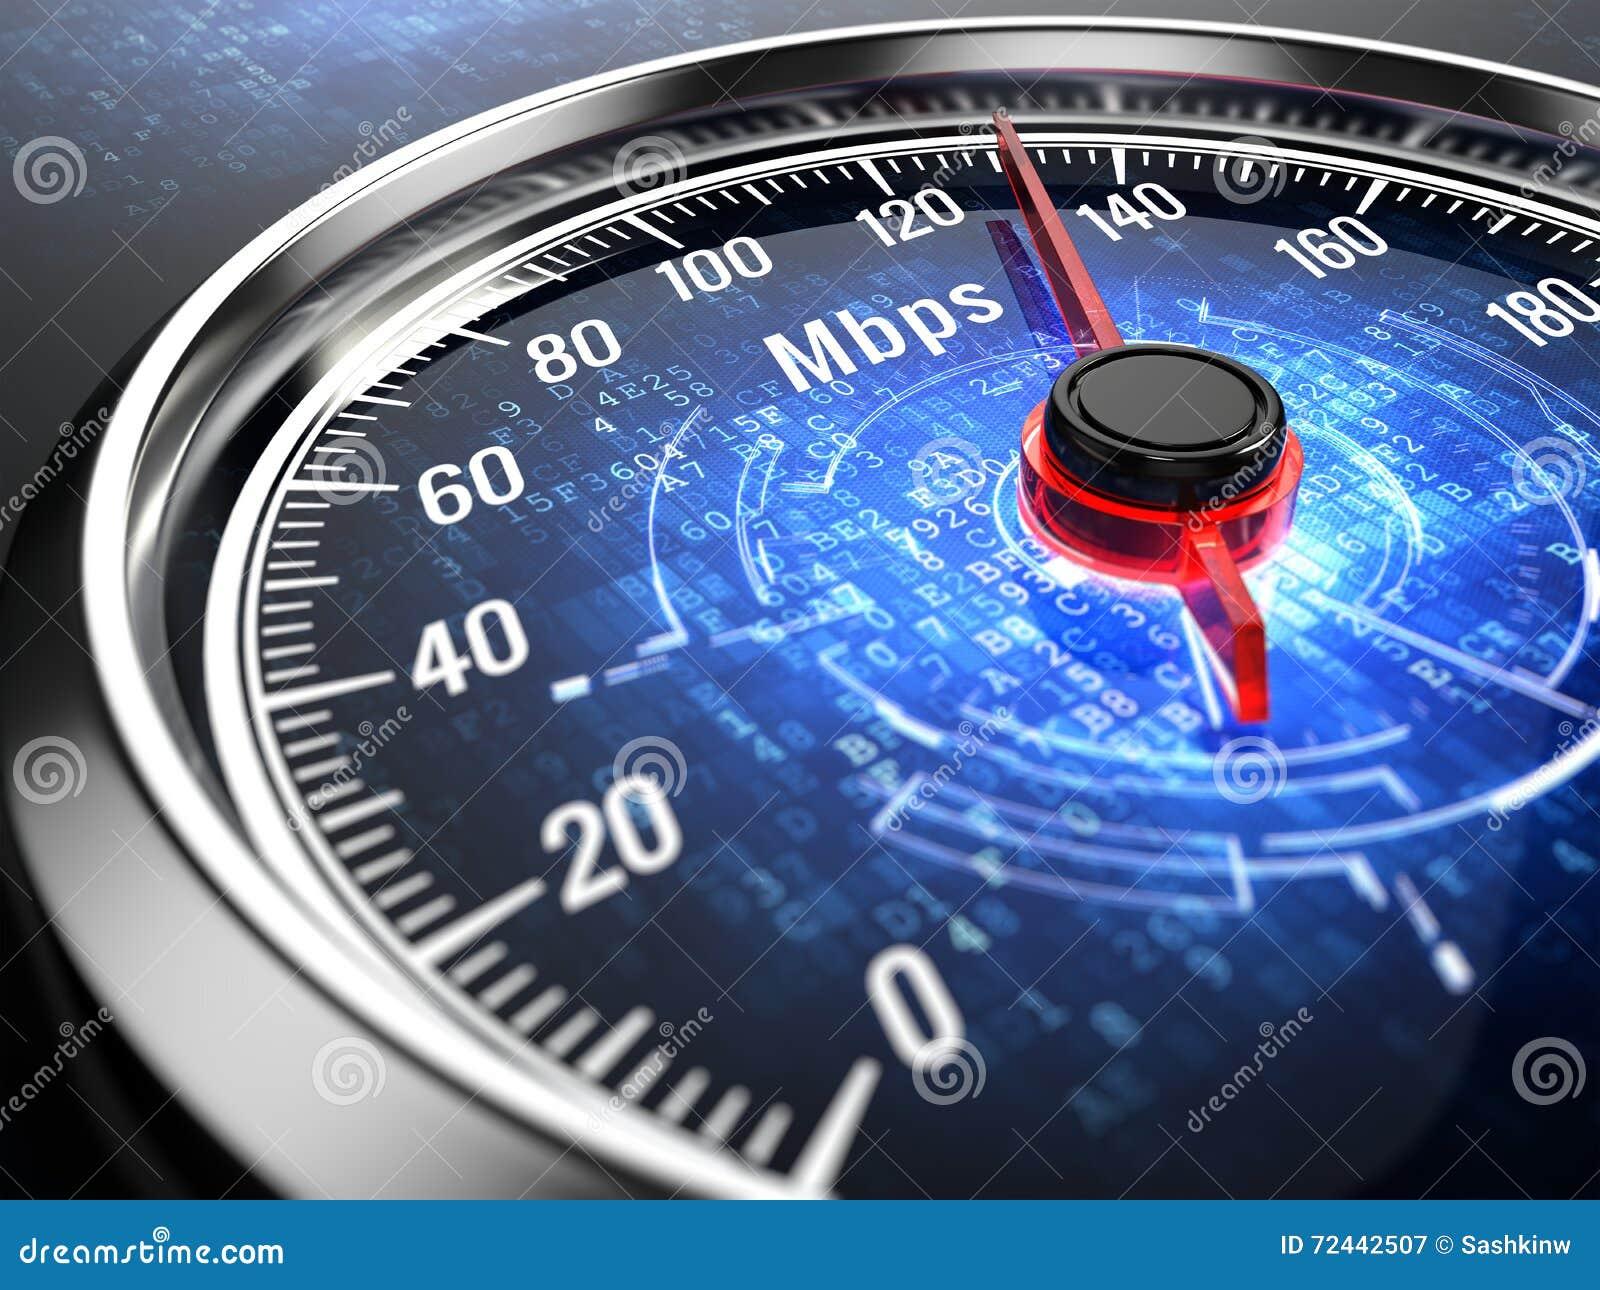 velocimetro de internet gratis